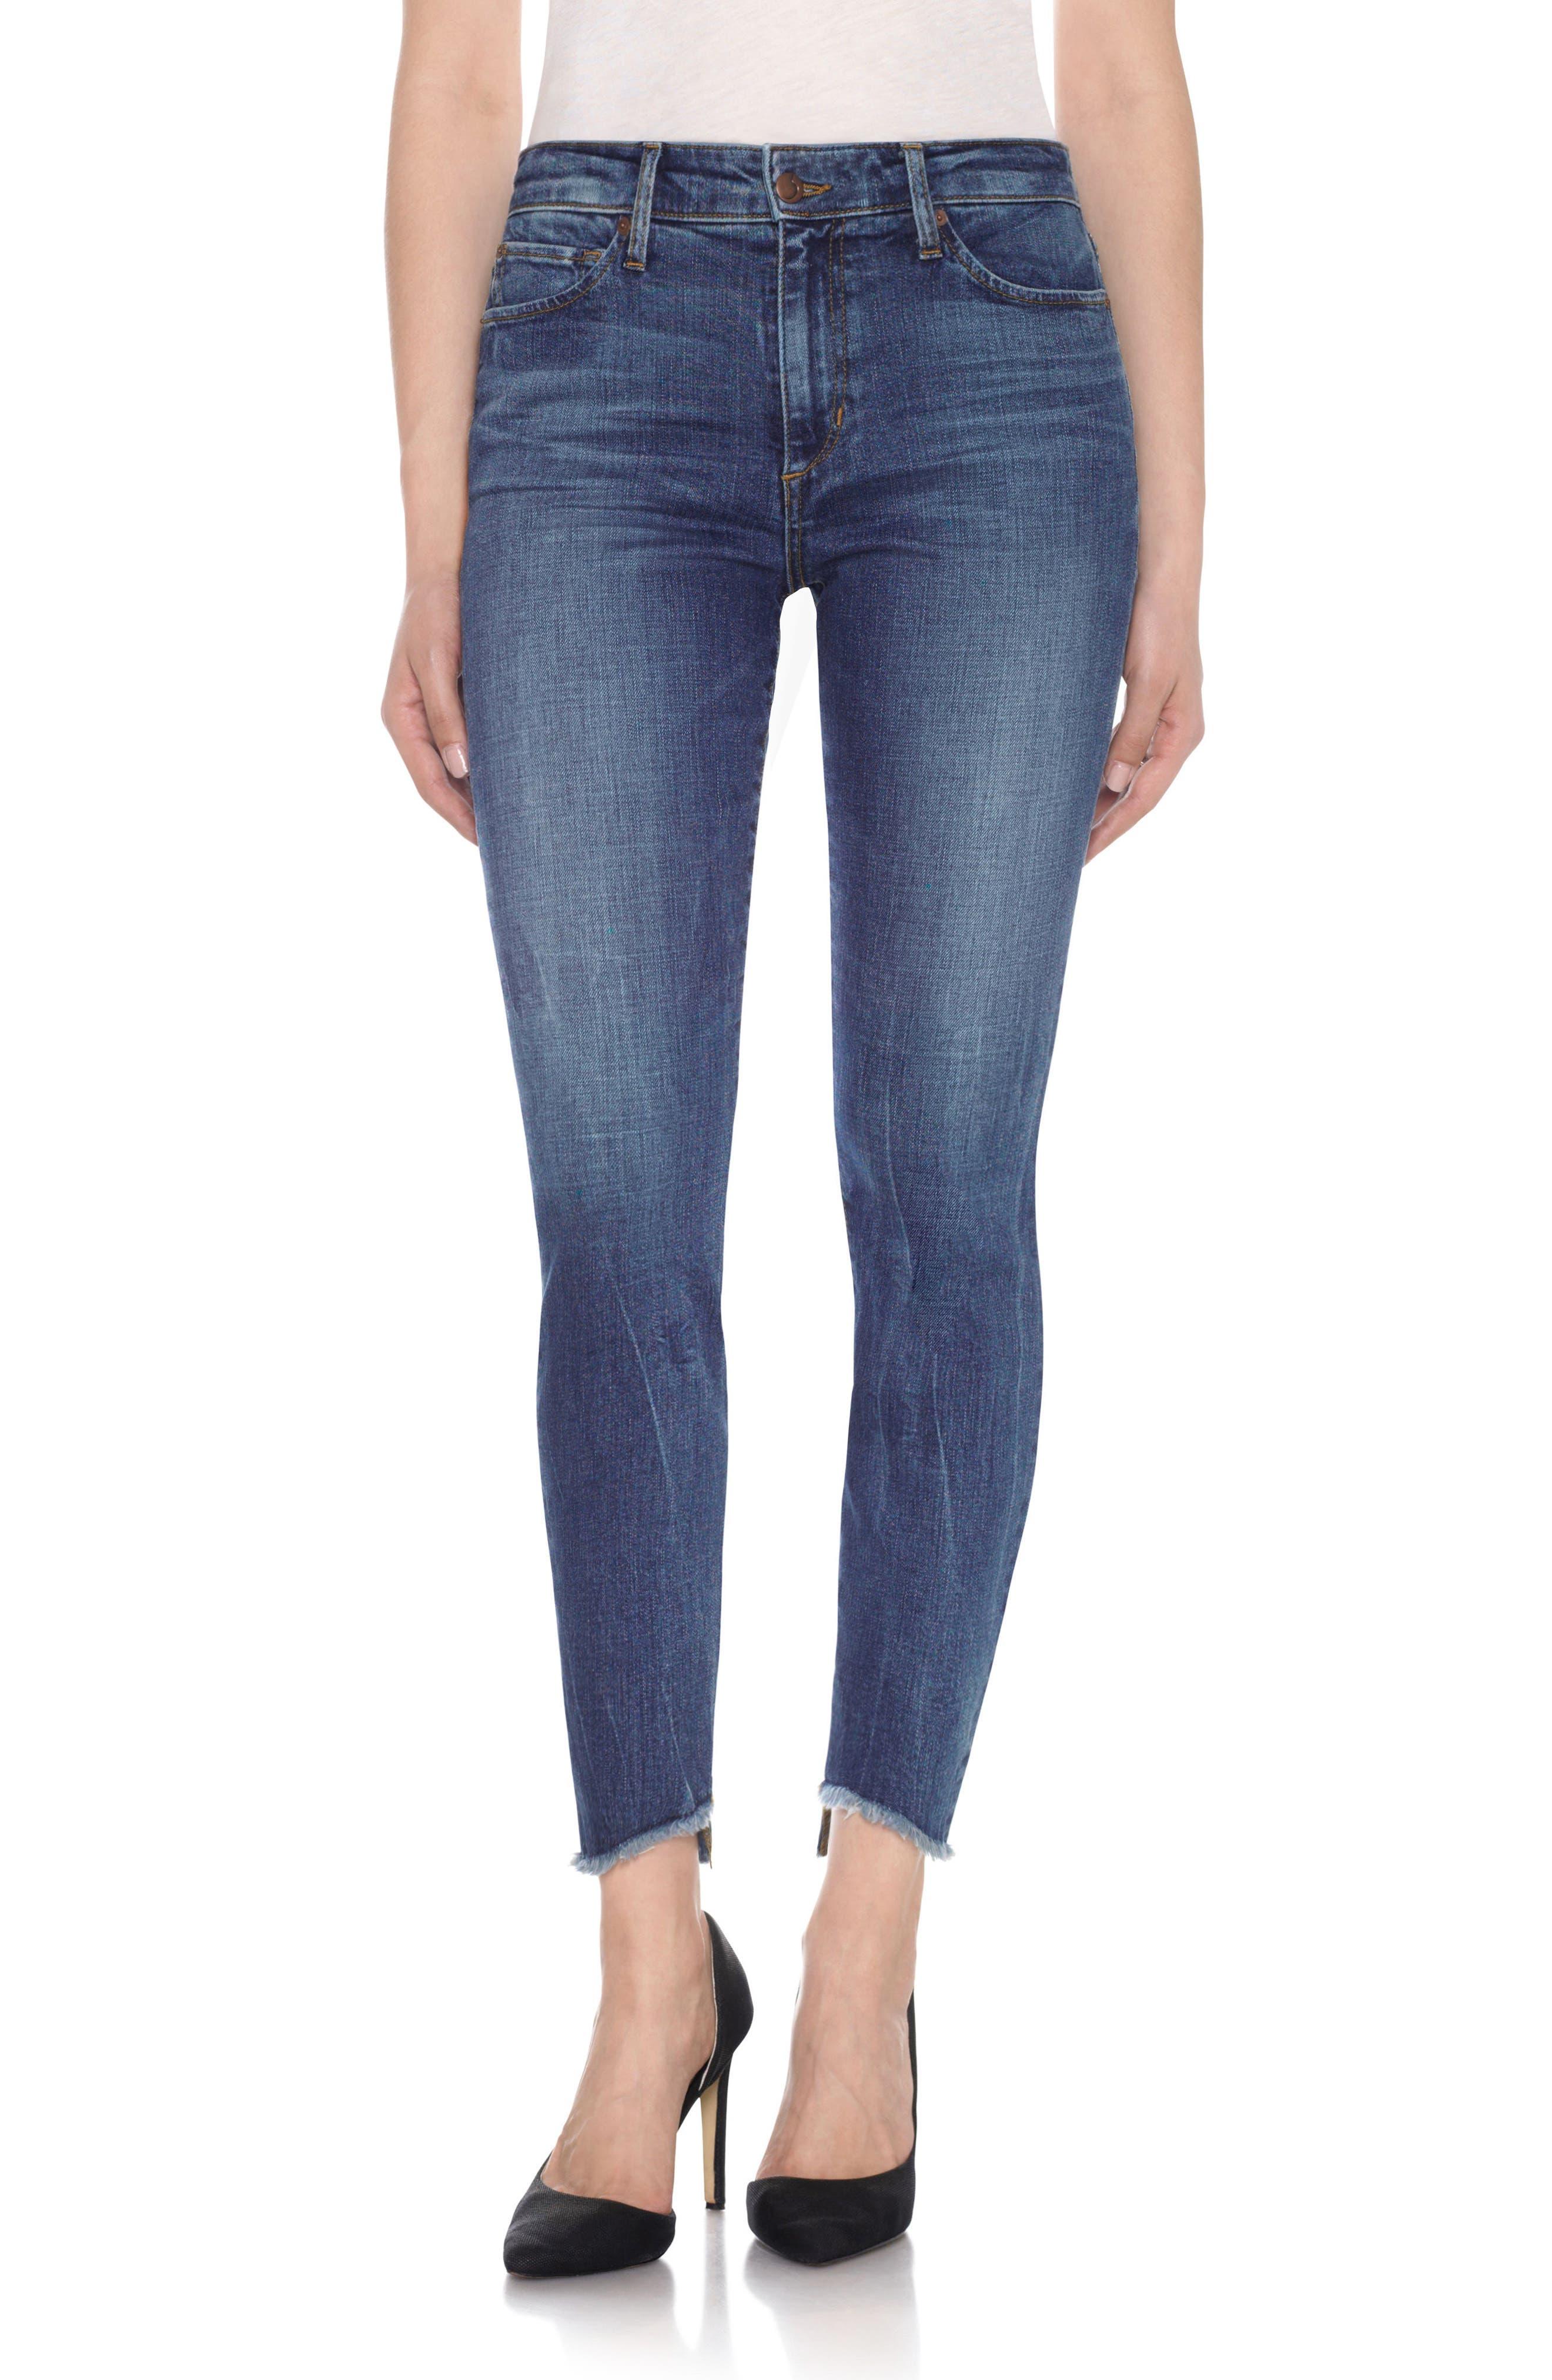 JOES Charlie - Blondie High Rise Ankle Skinny Jeans